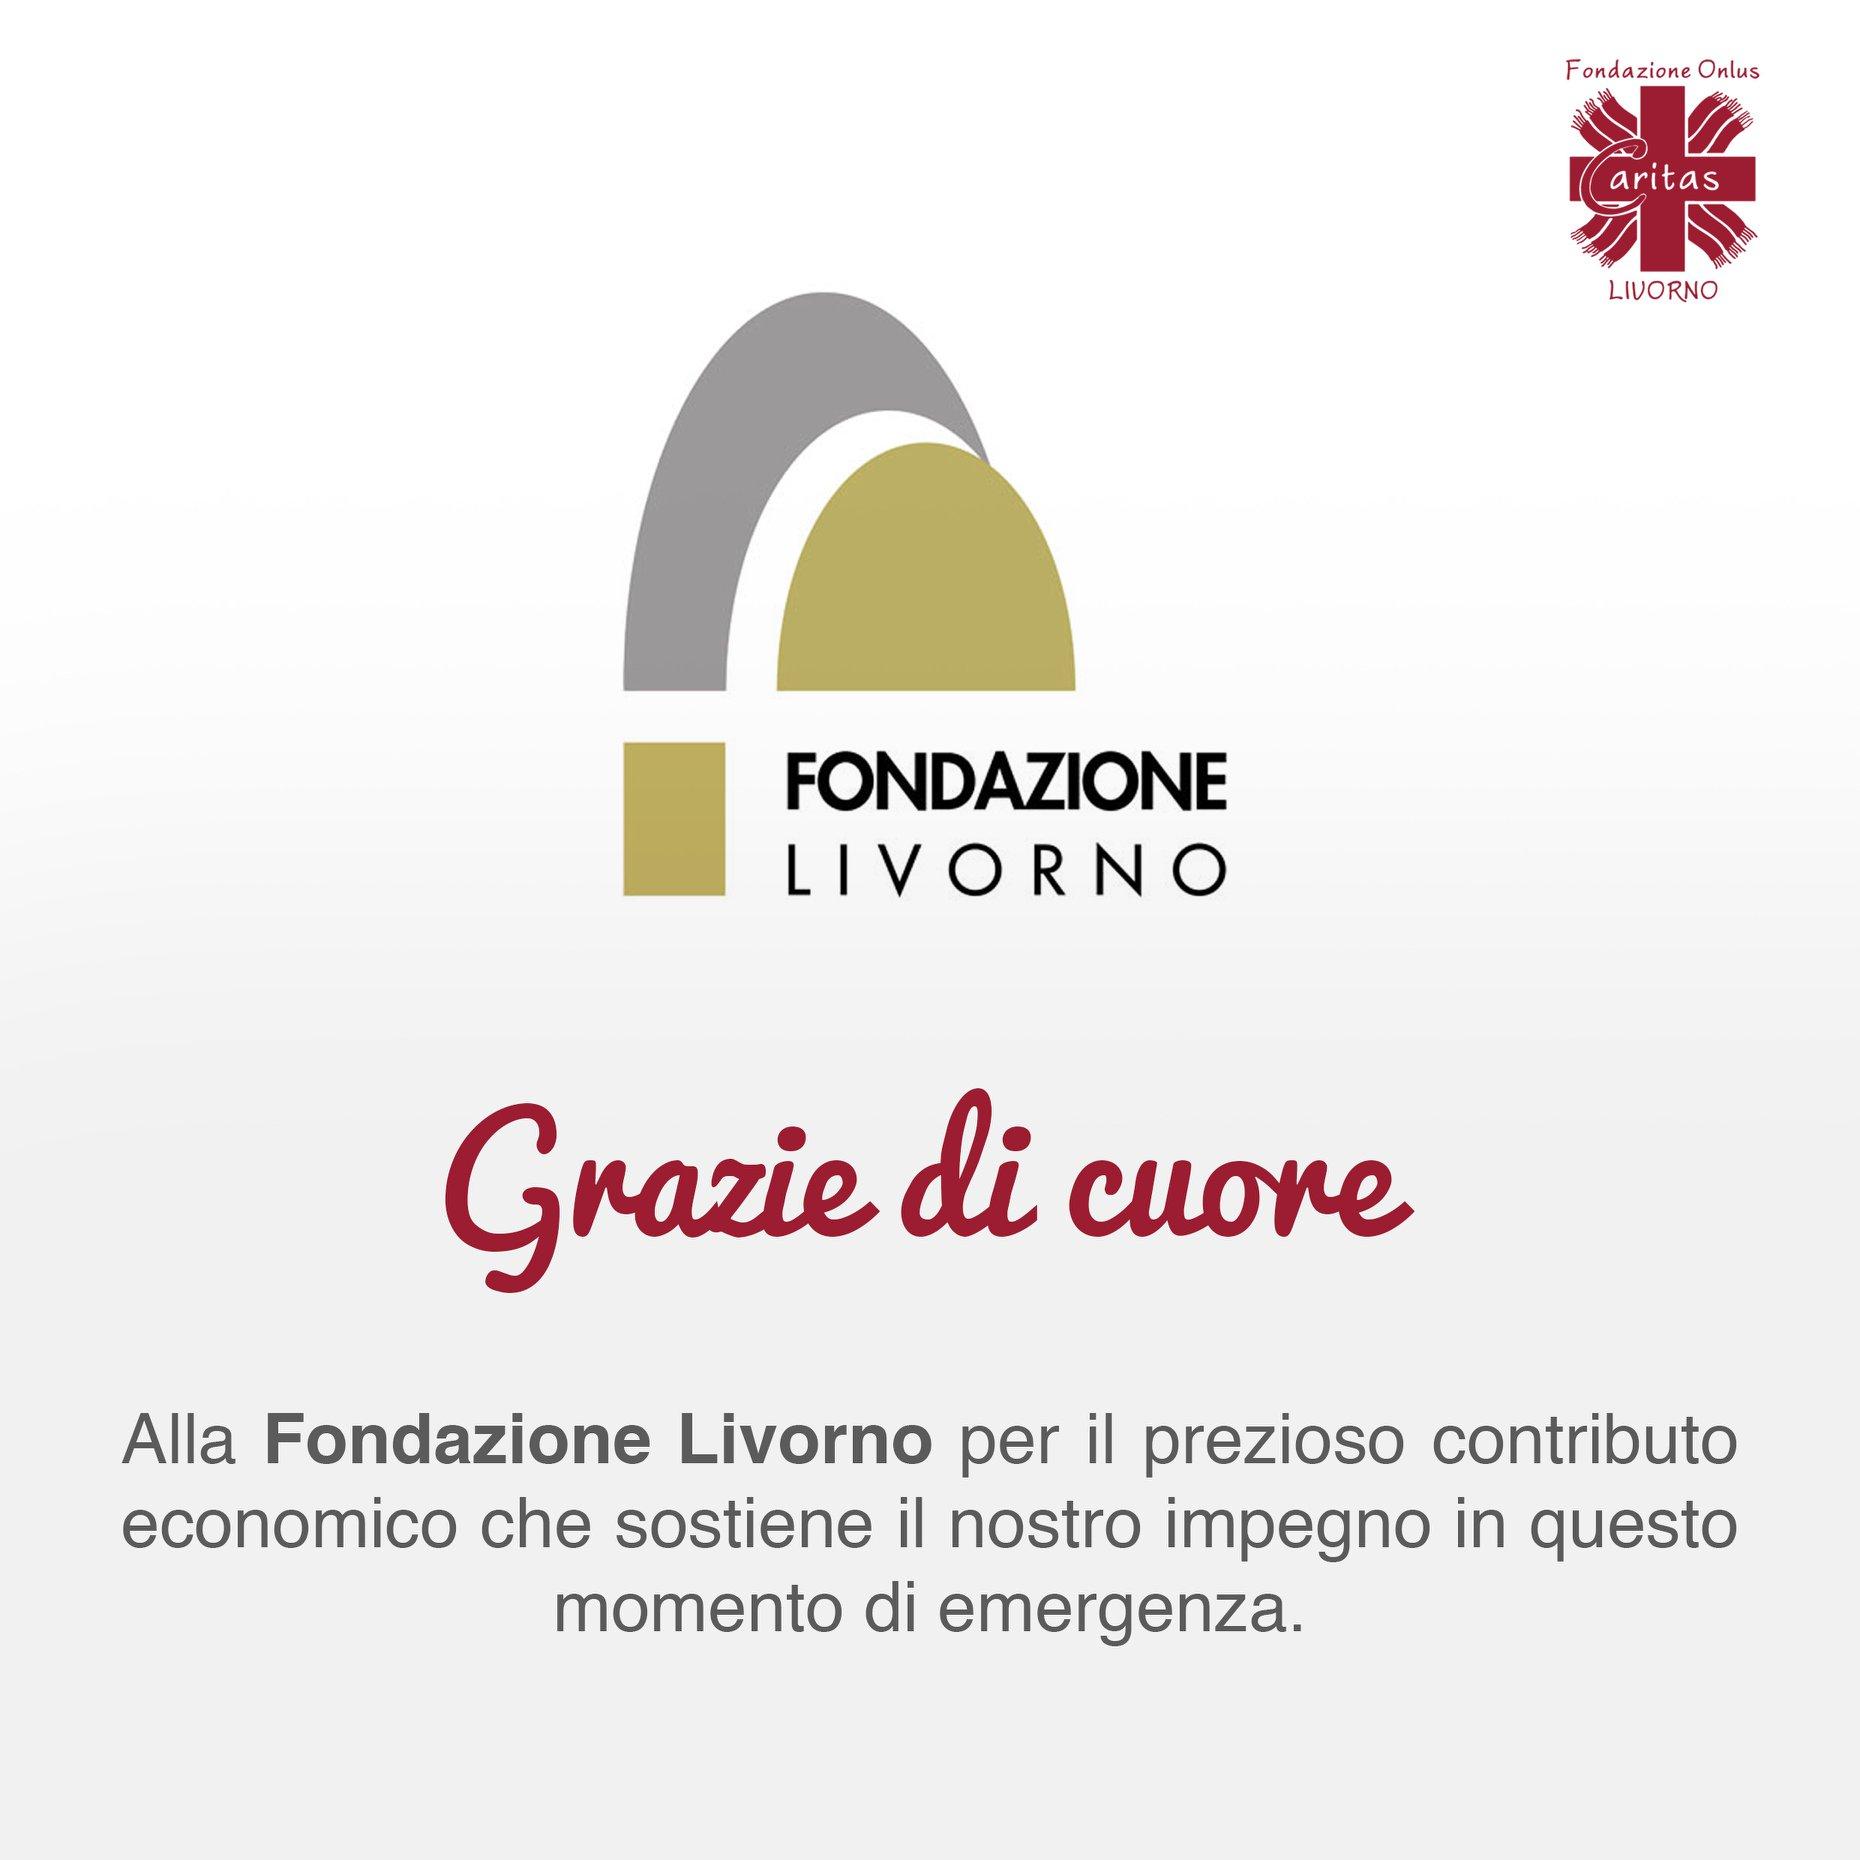 Grazie di cuore a Fondazione Livorno